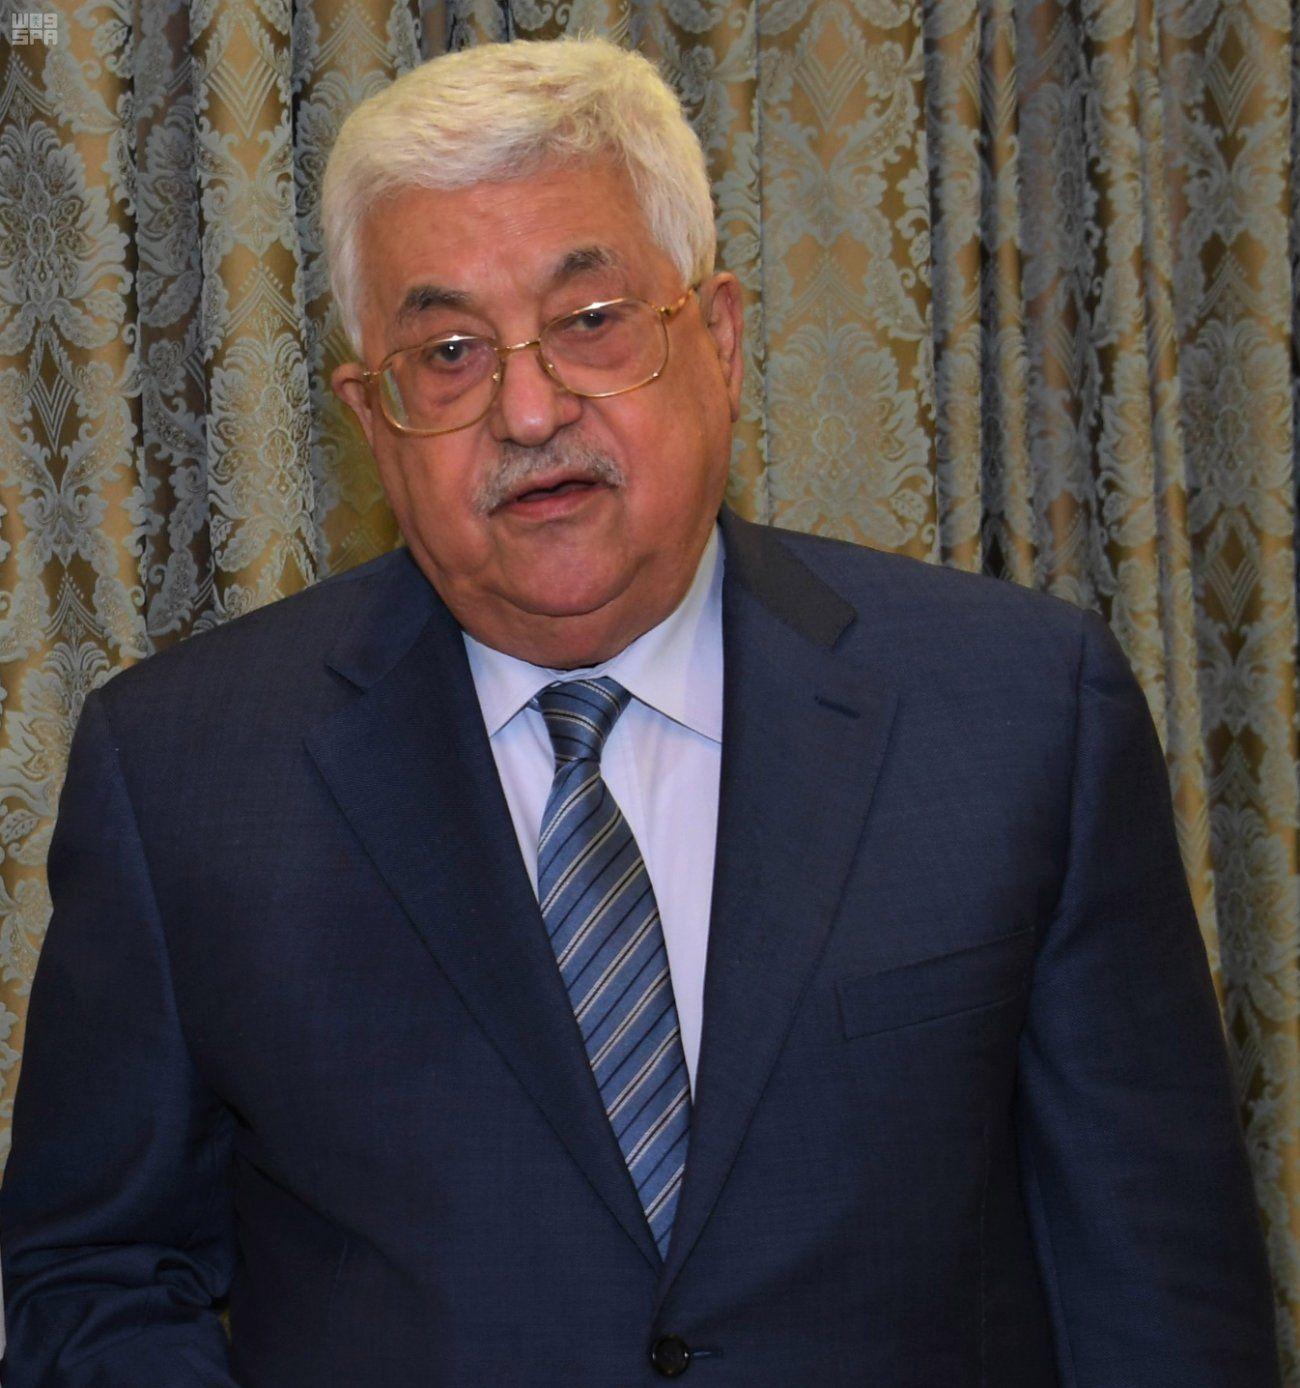 فخامة الرئيس محمود عباس : المملكة تقوم بدور محوري ومهم في محاربة الإرهاب على المستويات الإقليمية والدولية